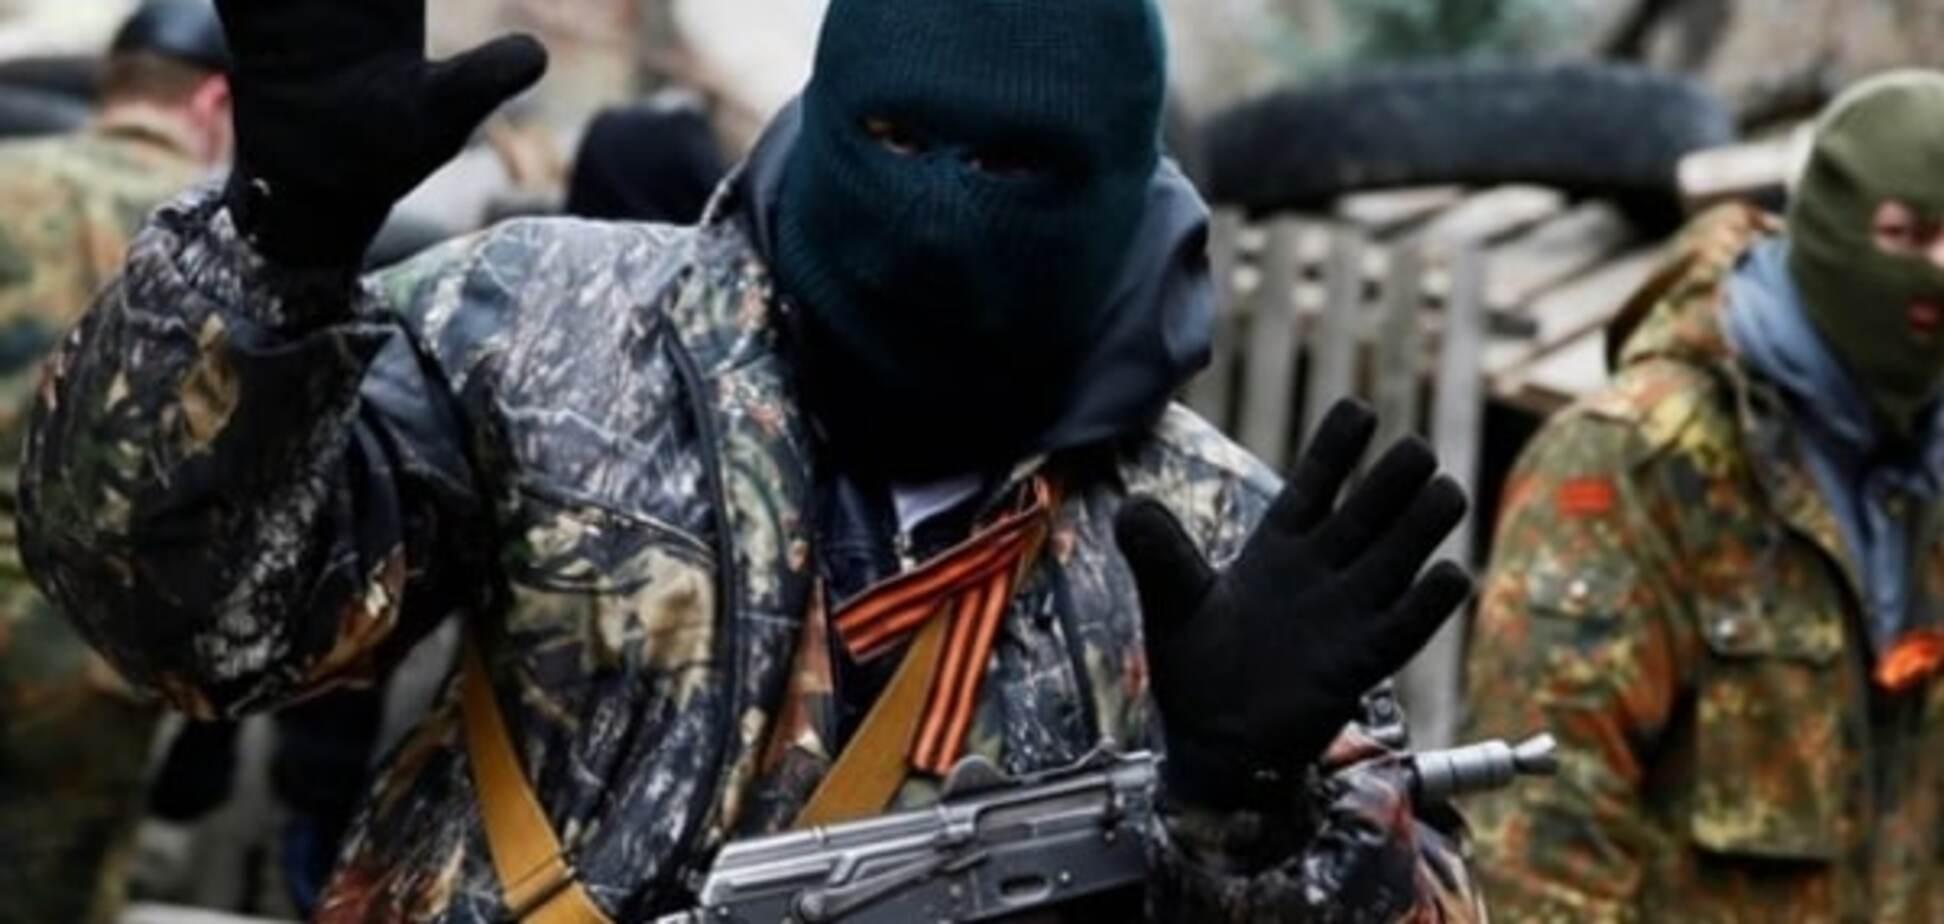 Бойовики 'ДНР' відзвітували про повне відведення мінометів калібру до 120 мм